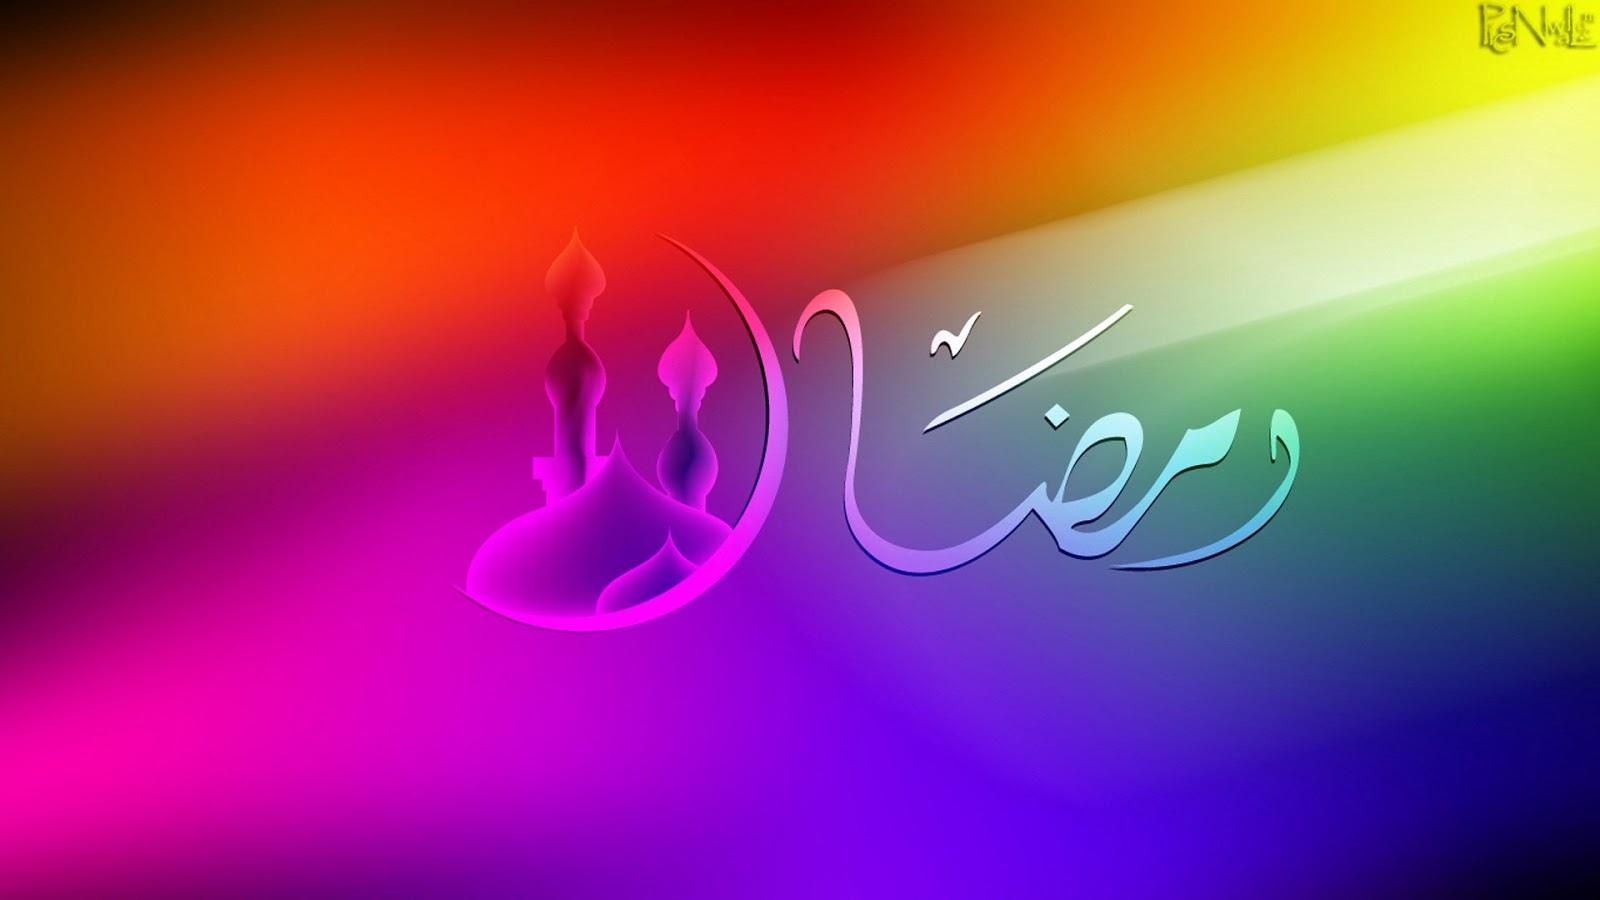 صور جديدة للشهر الفضيل   رمضان متحركة2017 1-%D8%B1%D9%85%D8%B6%D8%A7%D9%86_%D9%83%D8%B1%D9%8A%D9%85_2013